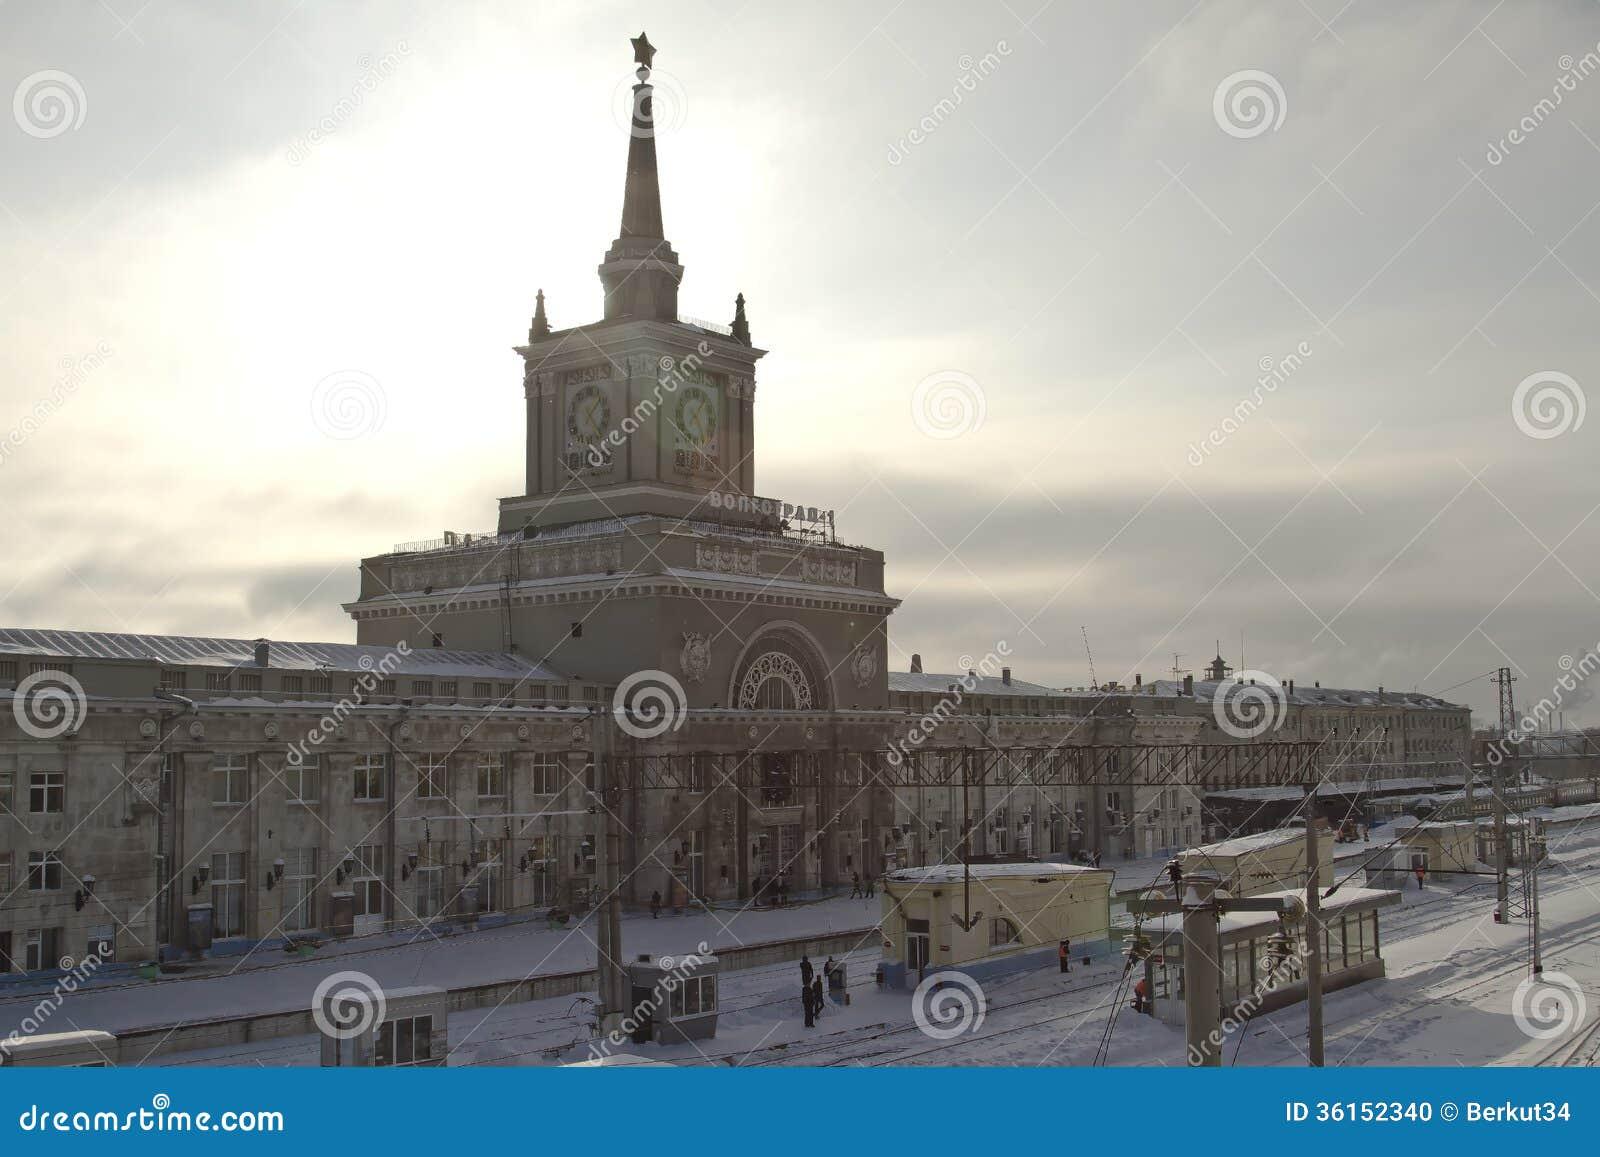 Gebäude des zentralen Bahnhofs Volgograd-1 im Winter.